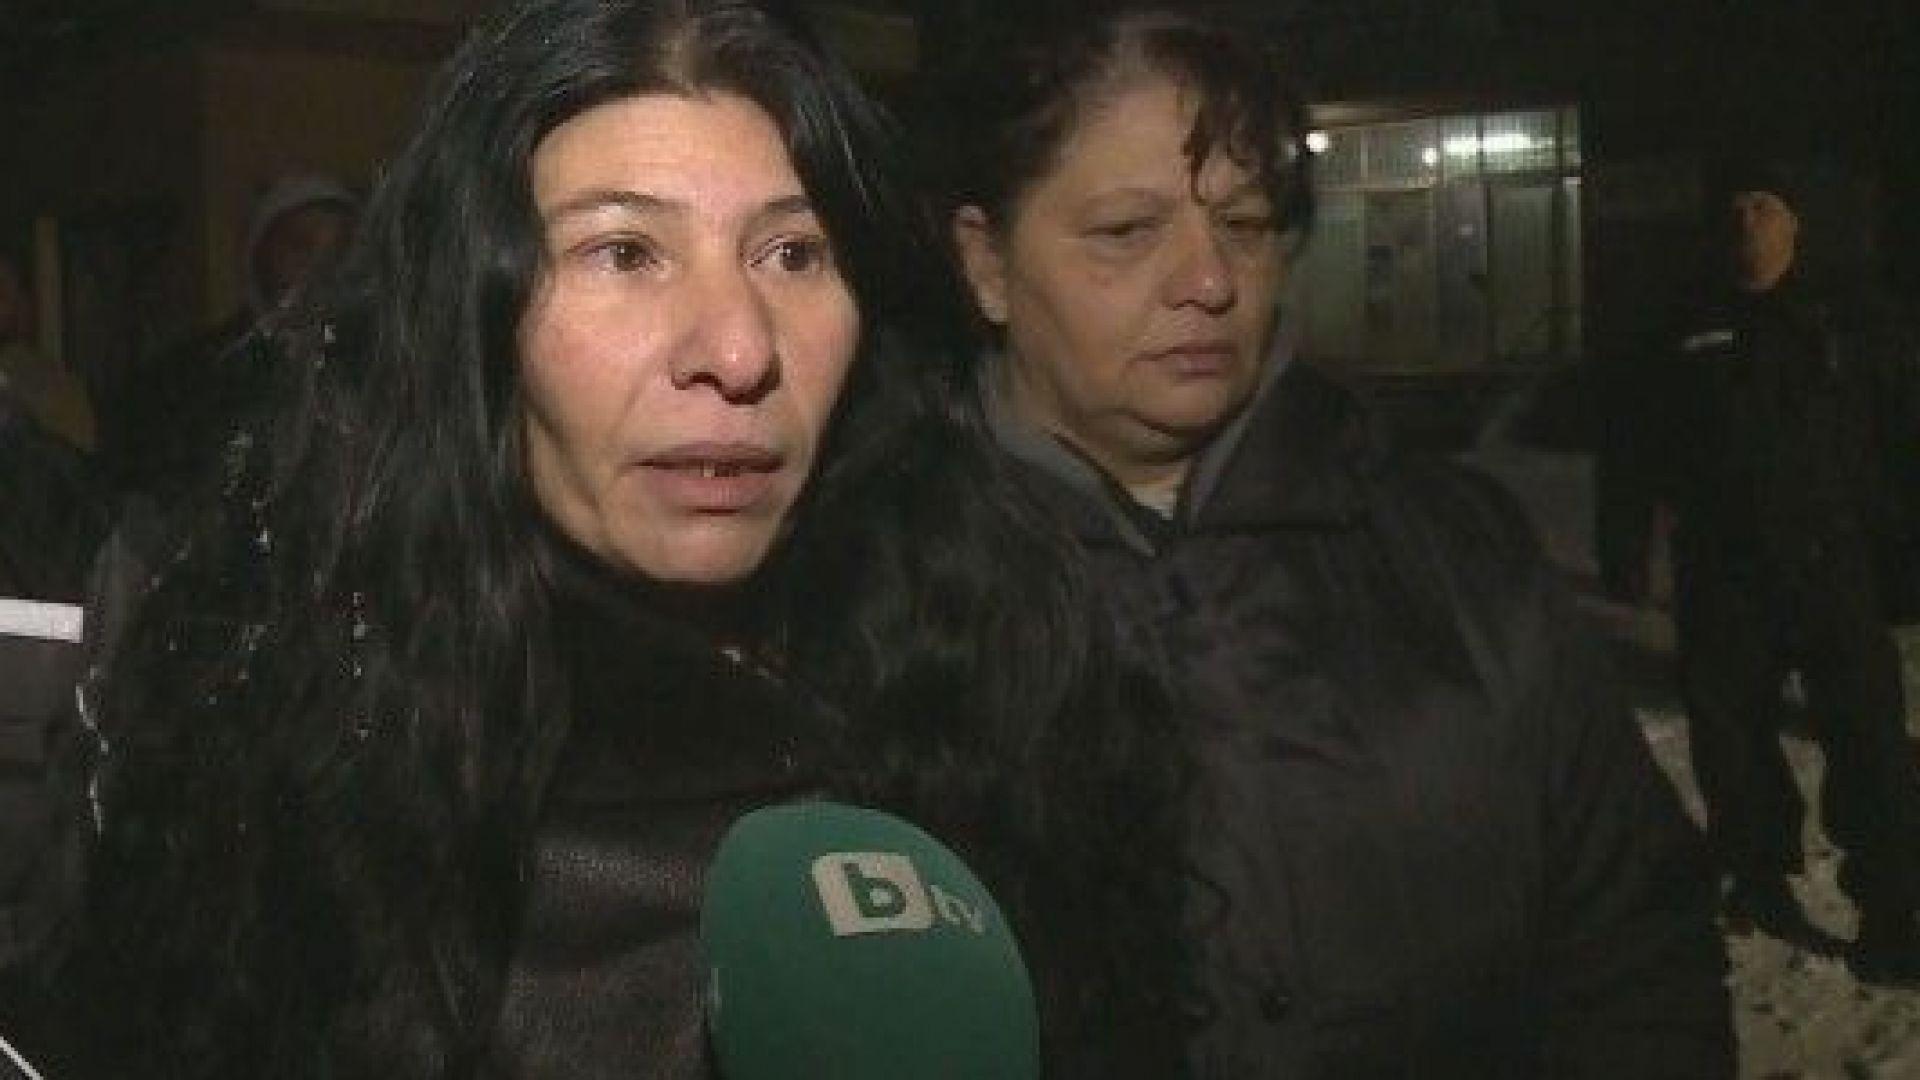 Гняв в Ботунец след смъртта на детето, полиция охранява лекарите